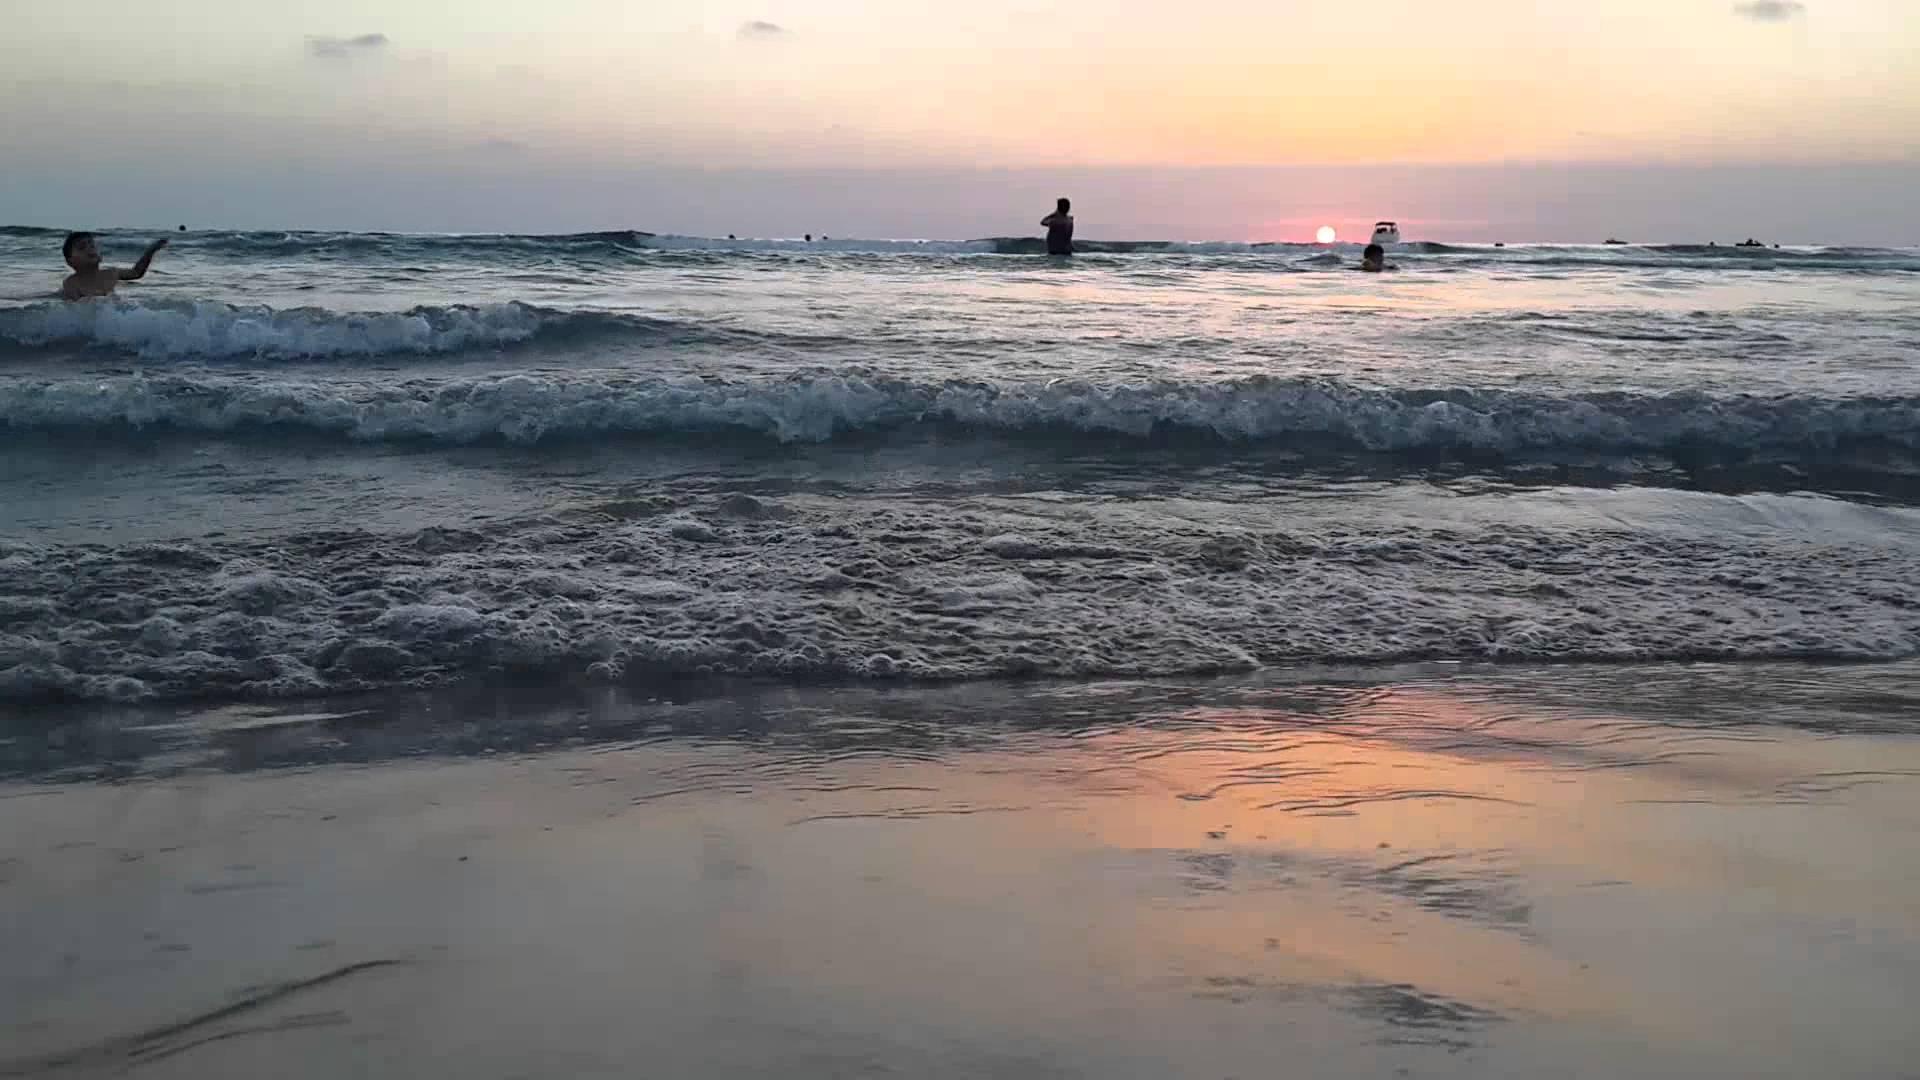 صور عن البحر , مناظر رائعة للبحر